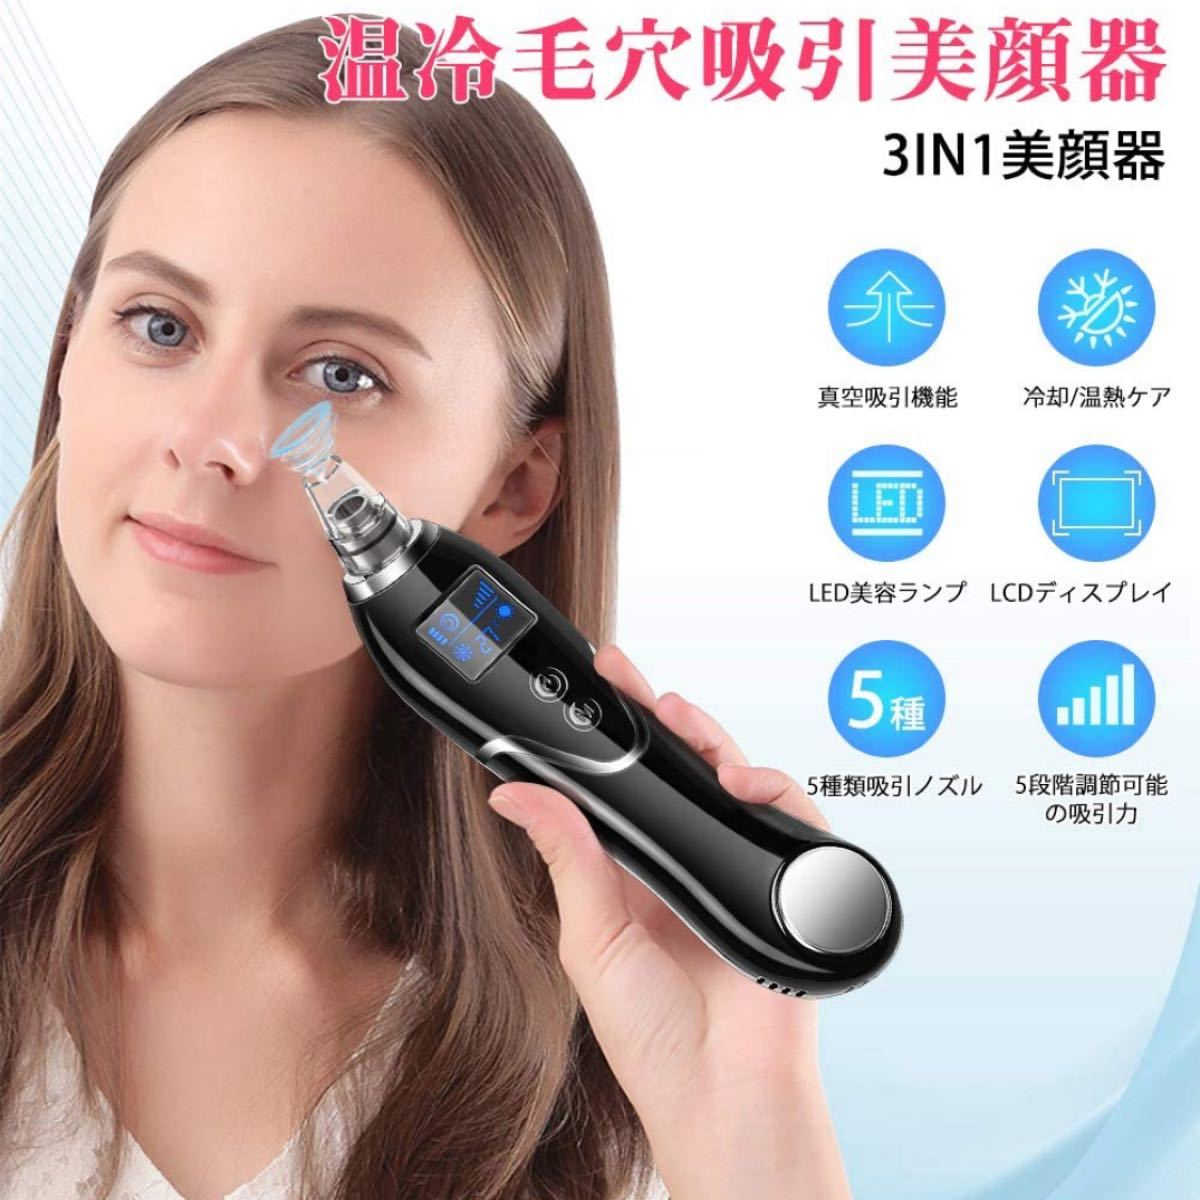 毛穴 吸引器  美顔器 美容器 多機能 家庭用